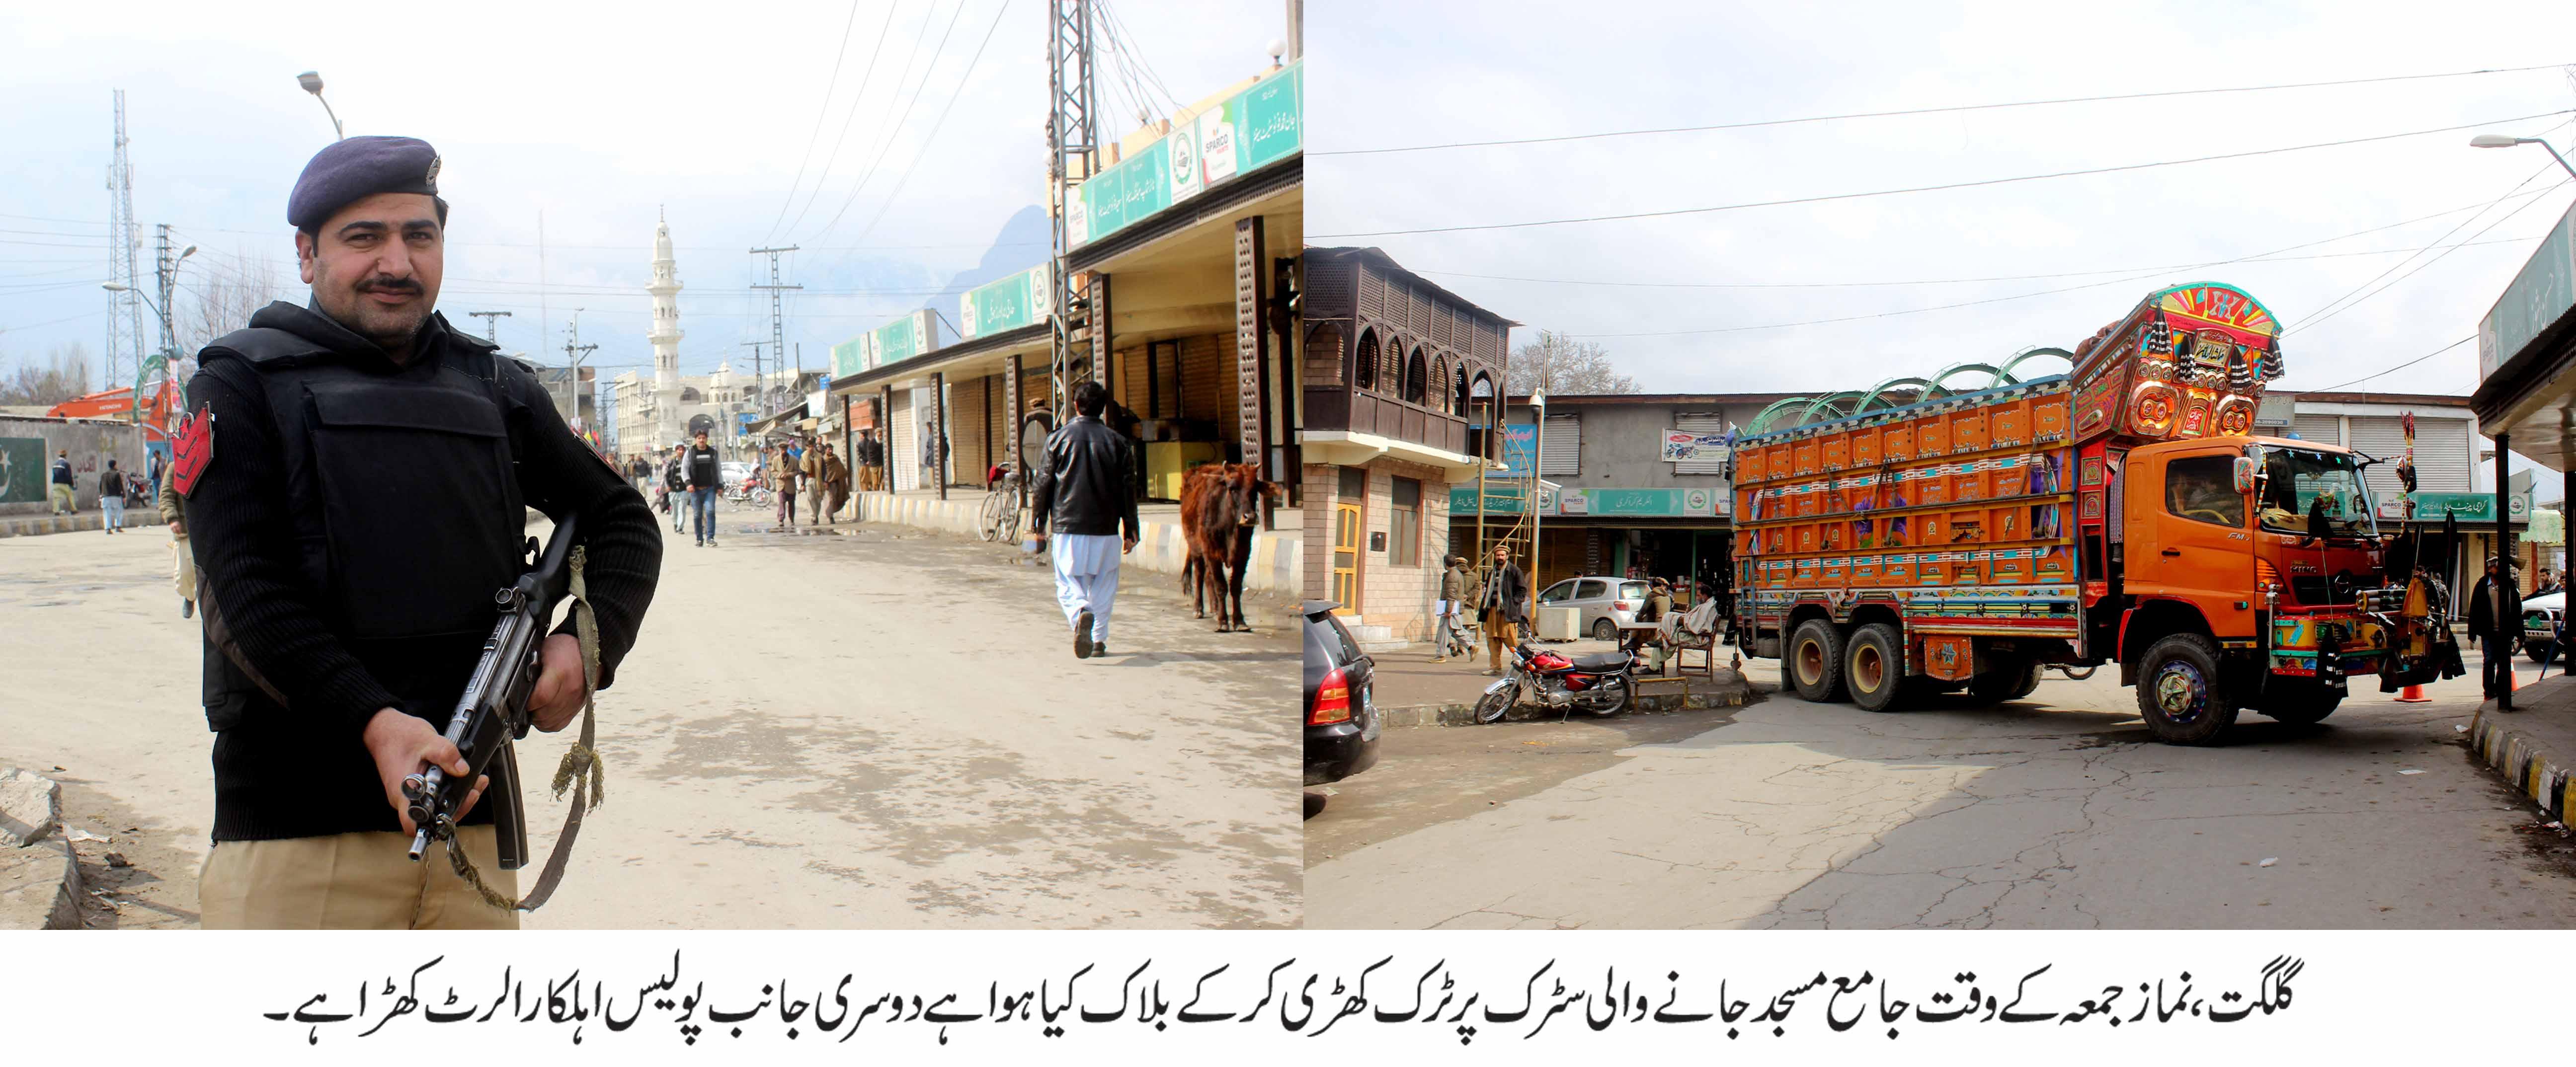 گلگت بلتستان میں بھی سیکورٹی کے انتظامات سخت